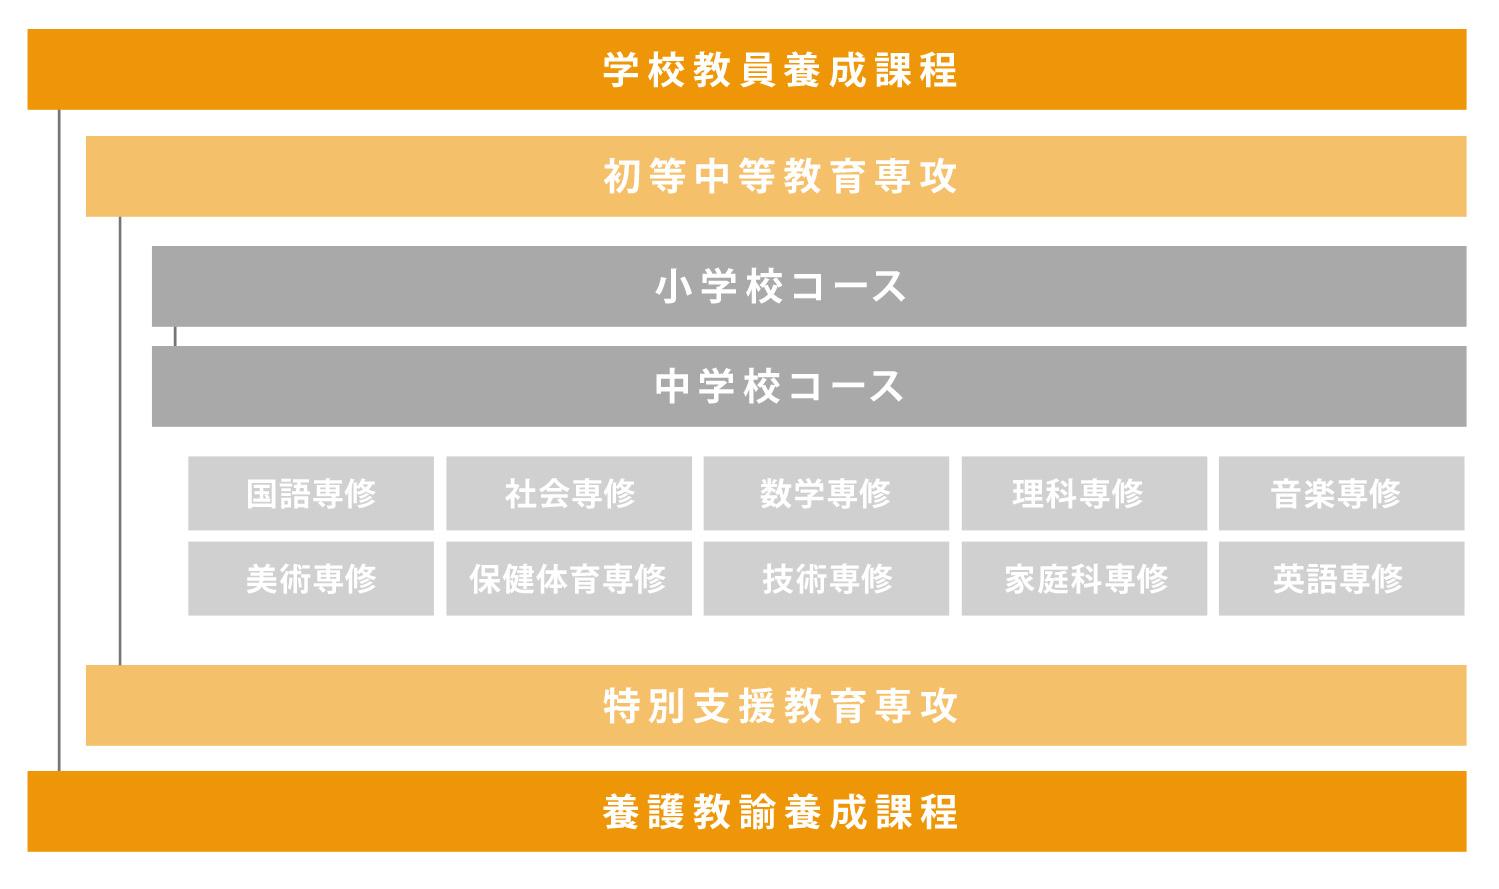 弘前教育学部 組織